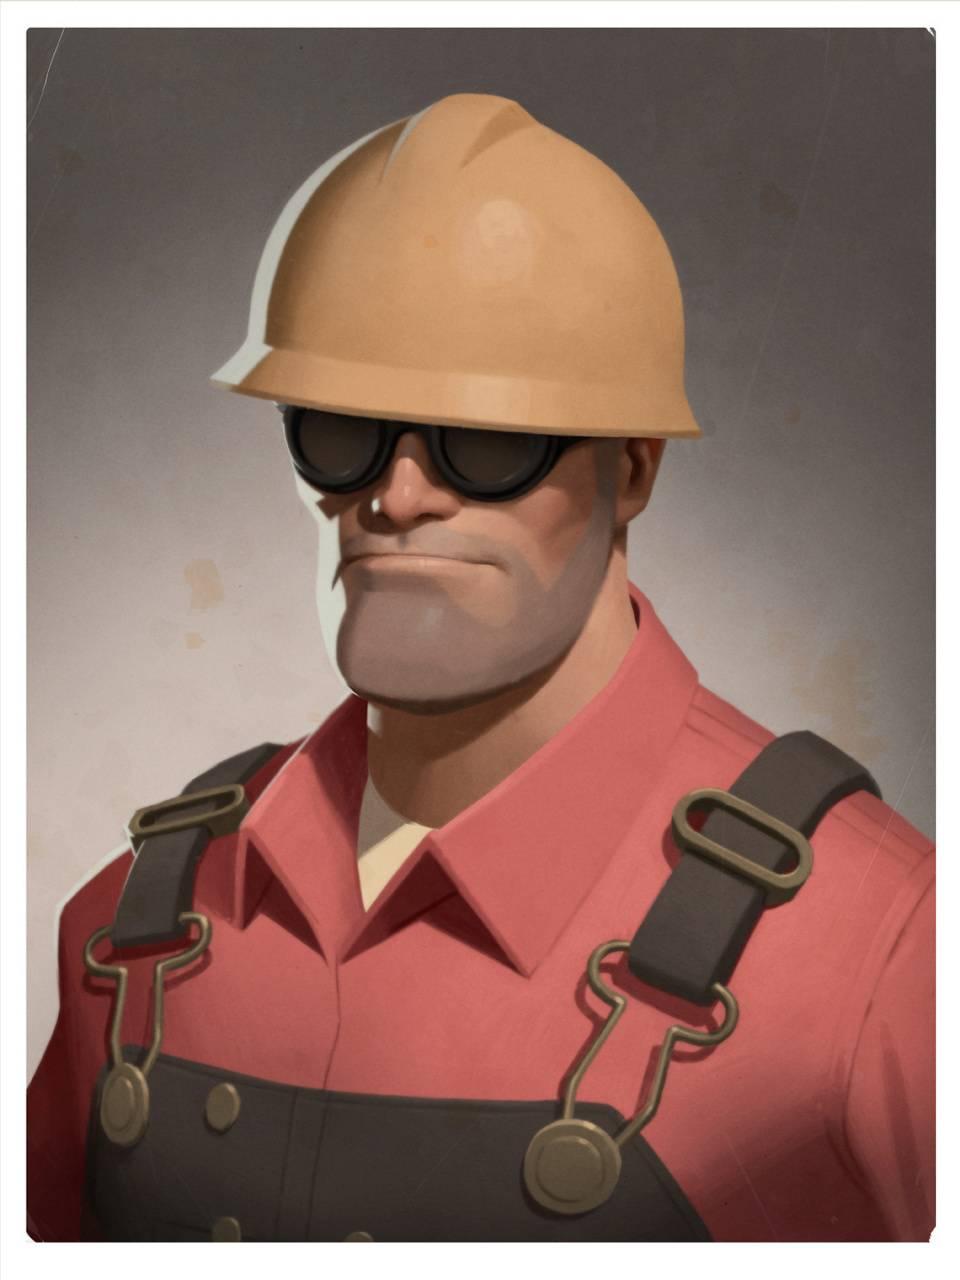 Engineer - TF2